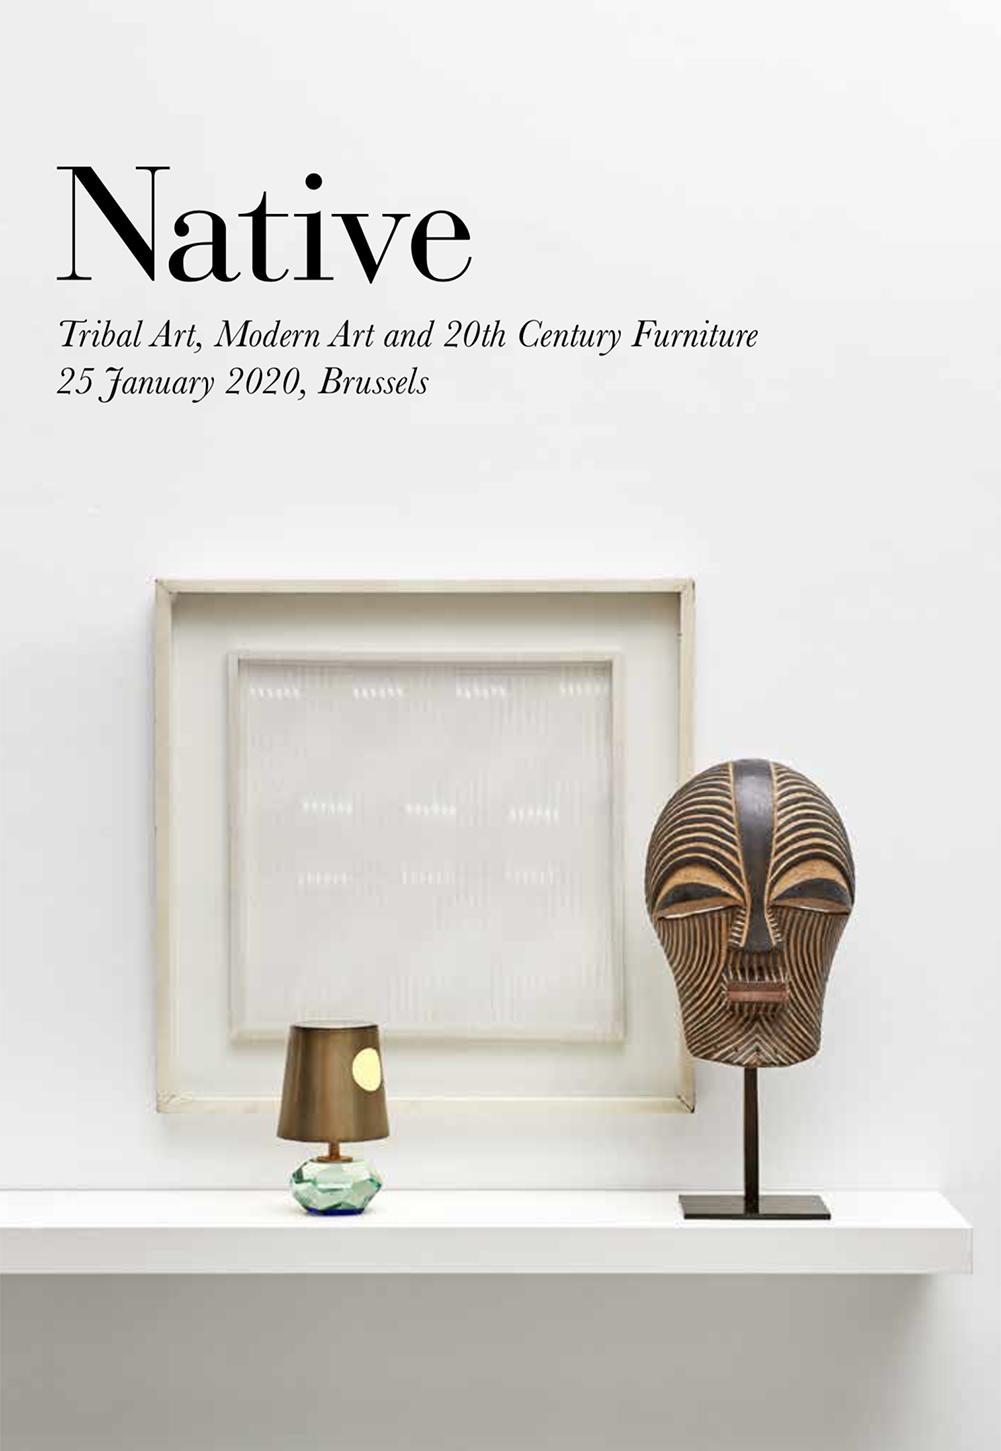 Vente Arts Premiers, Art Moderne et Mobilier du XXème siècle chez Native : 97 lots